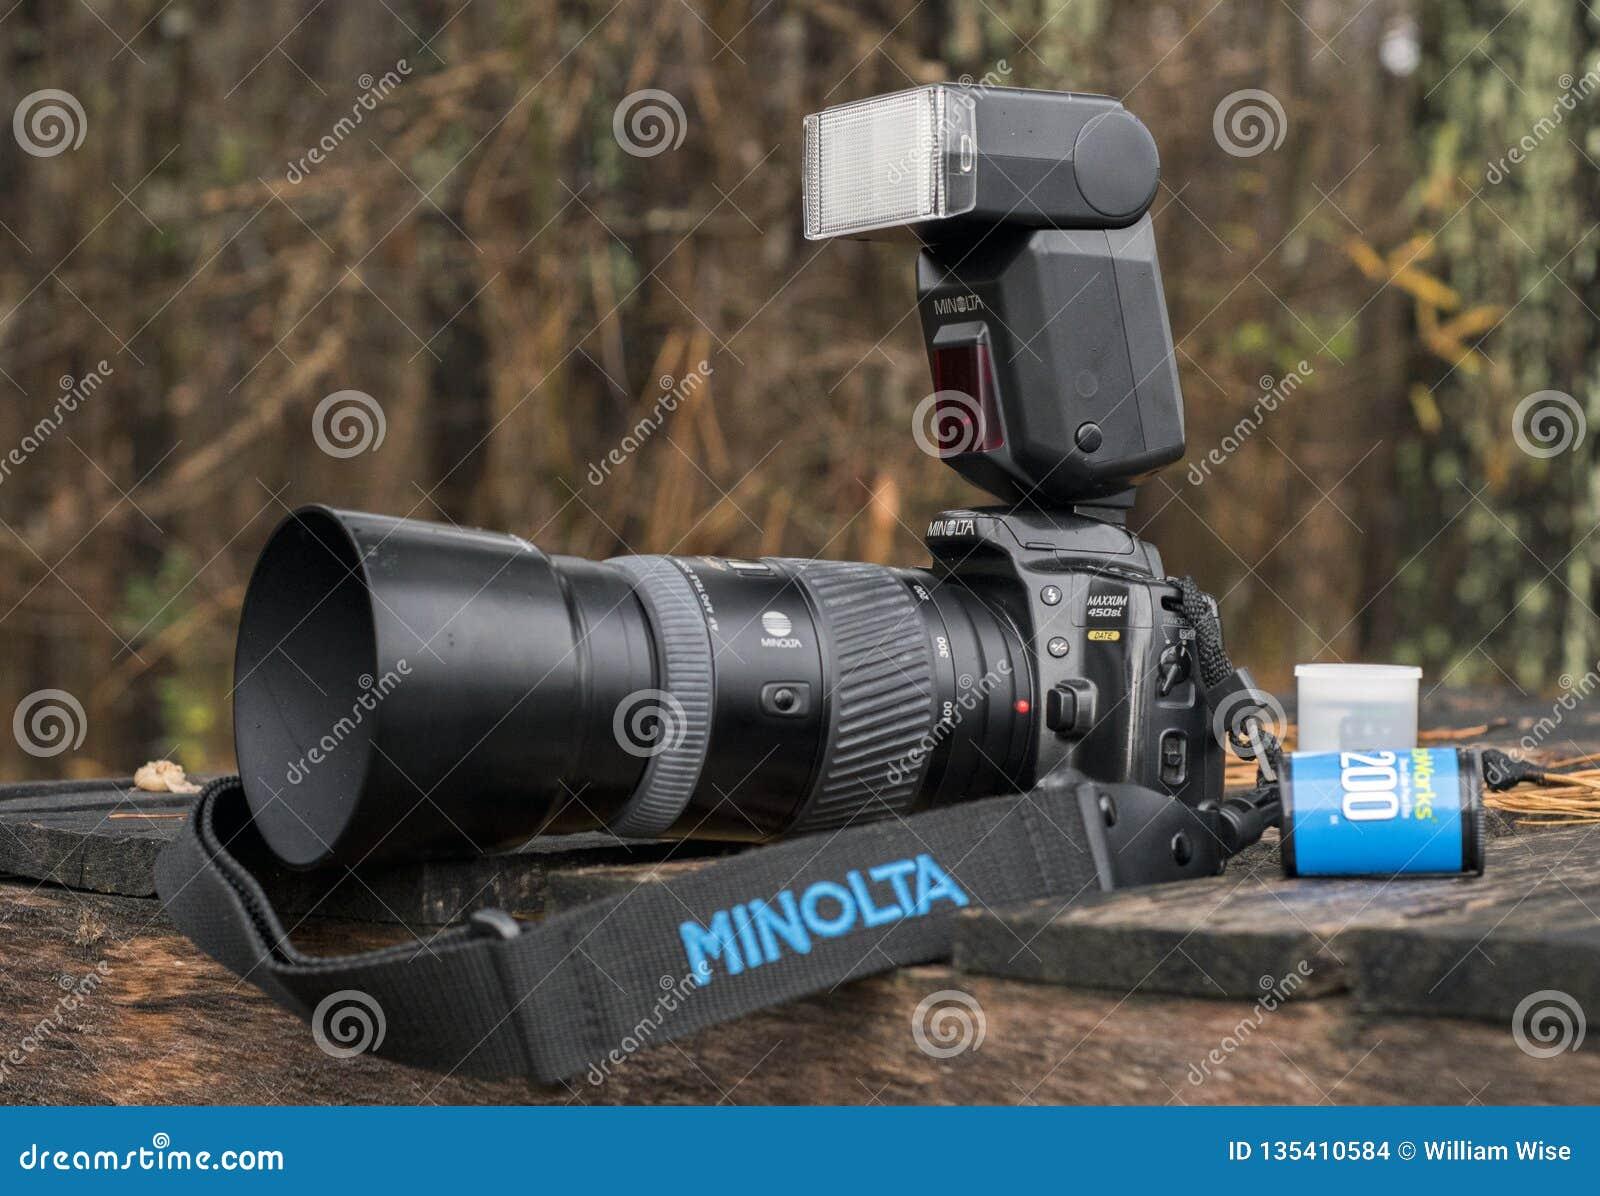 Download minolta cameras